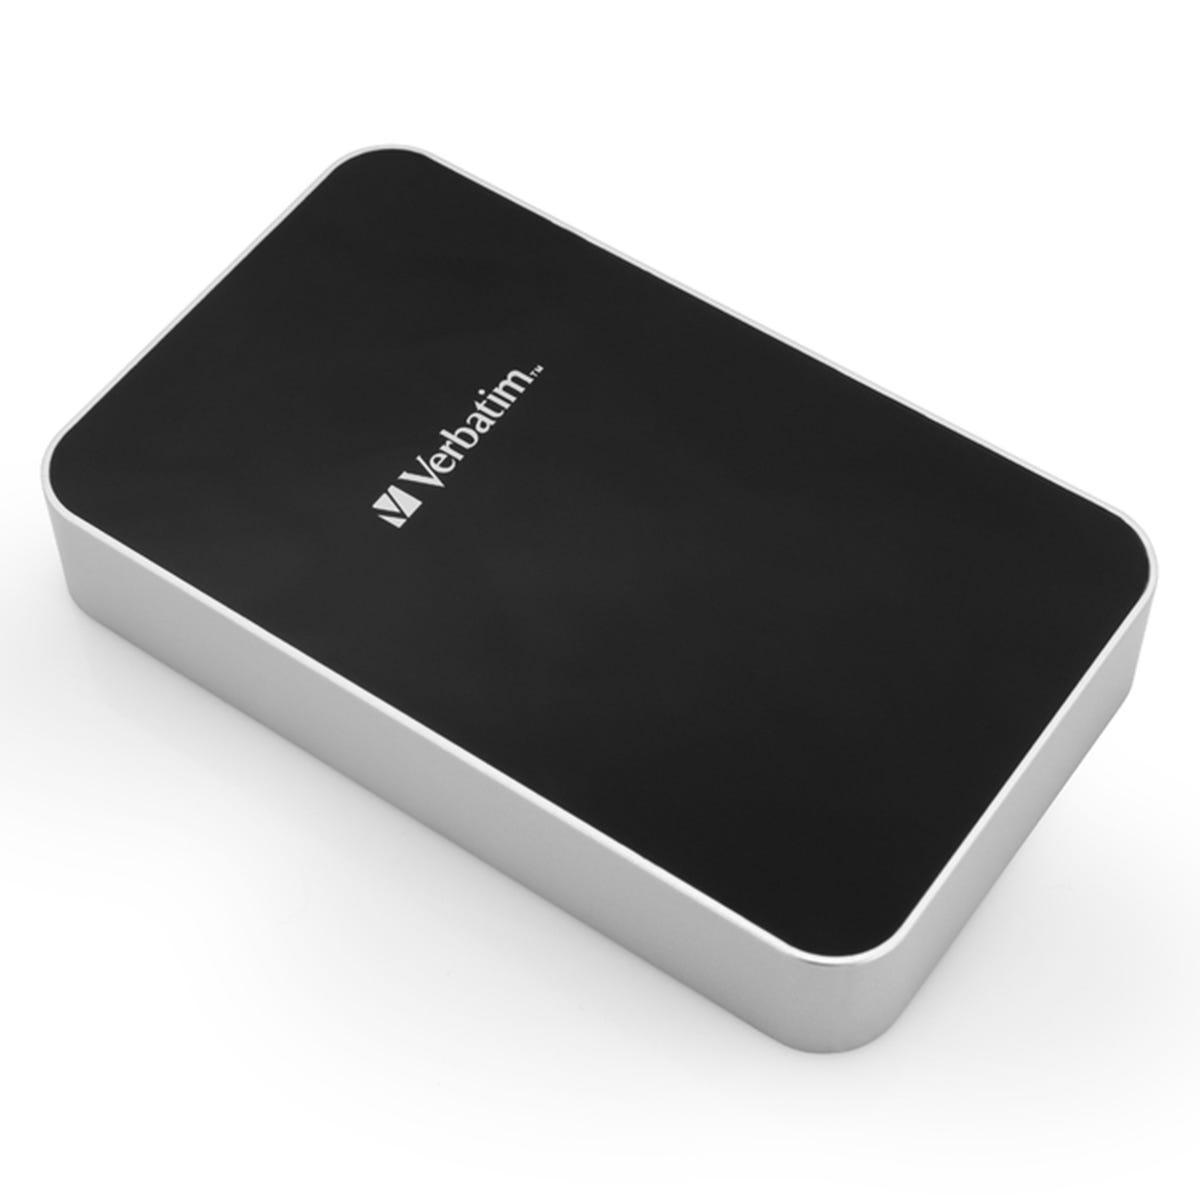 Image of Verbatim 13000mAh Pocket Power Pack Dual USB and LED display